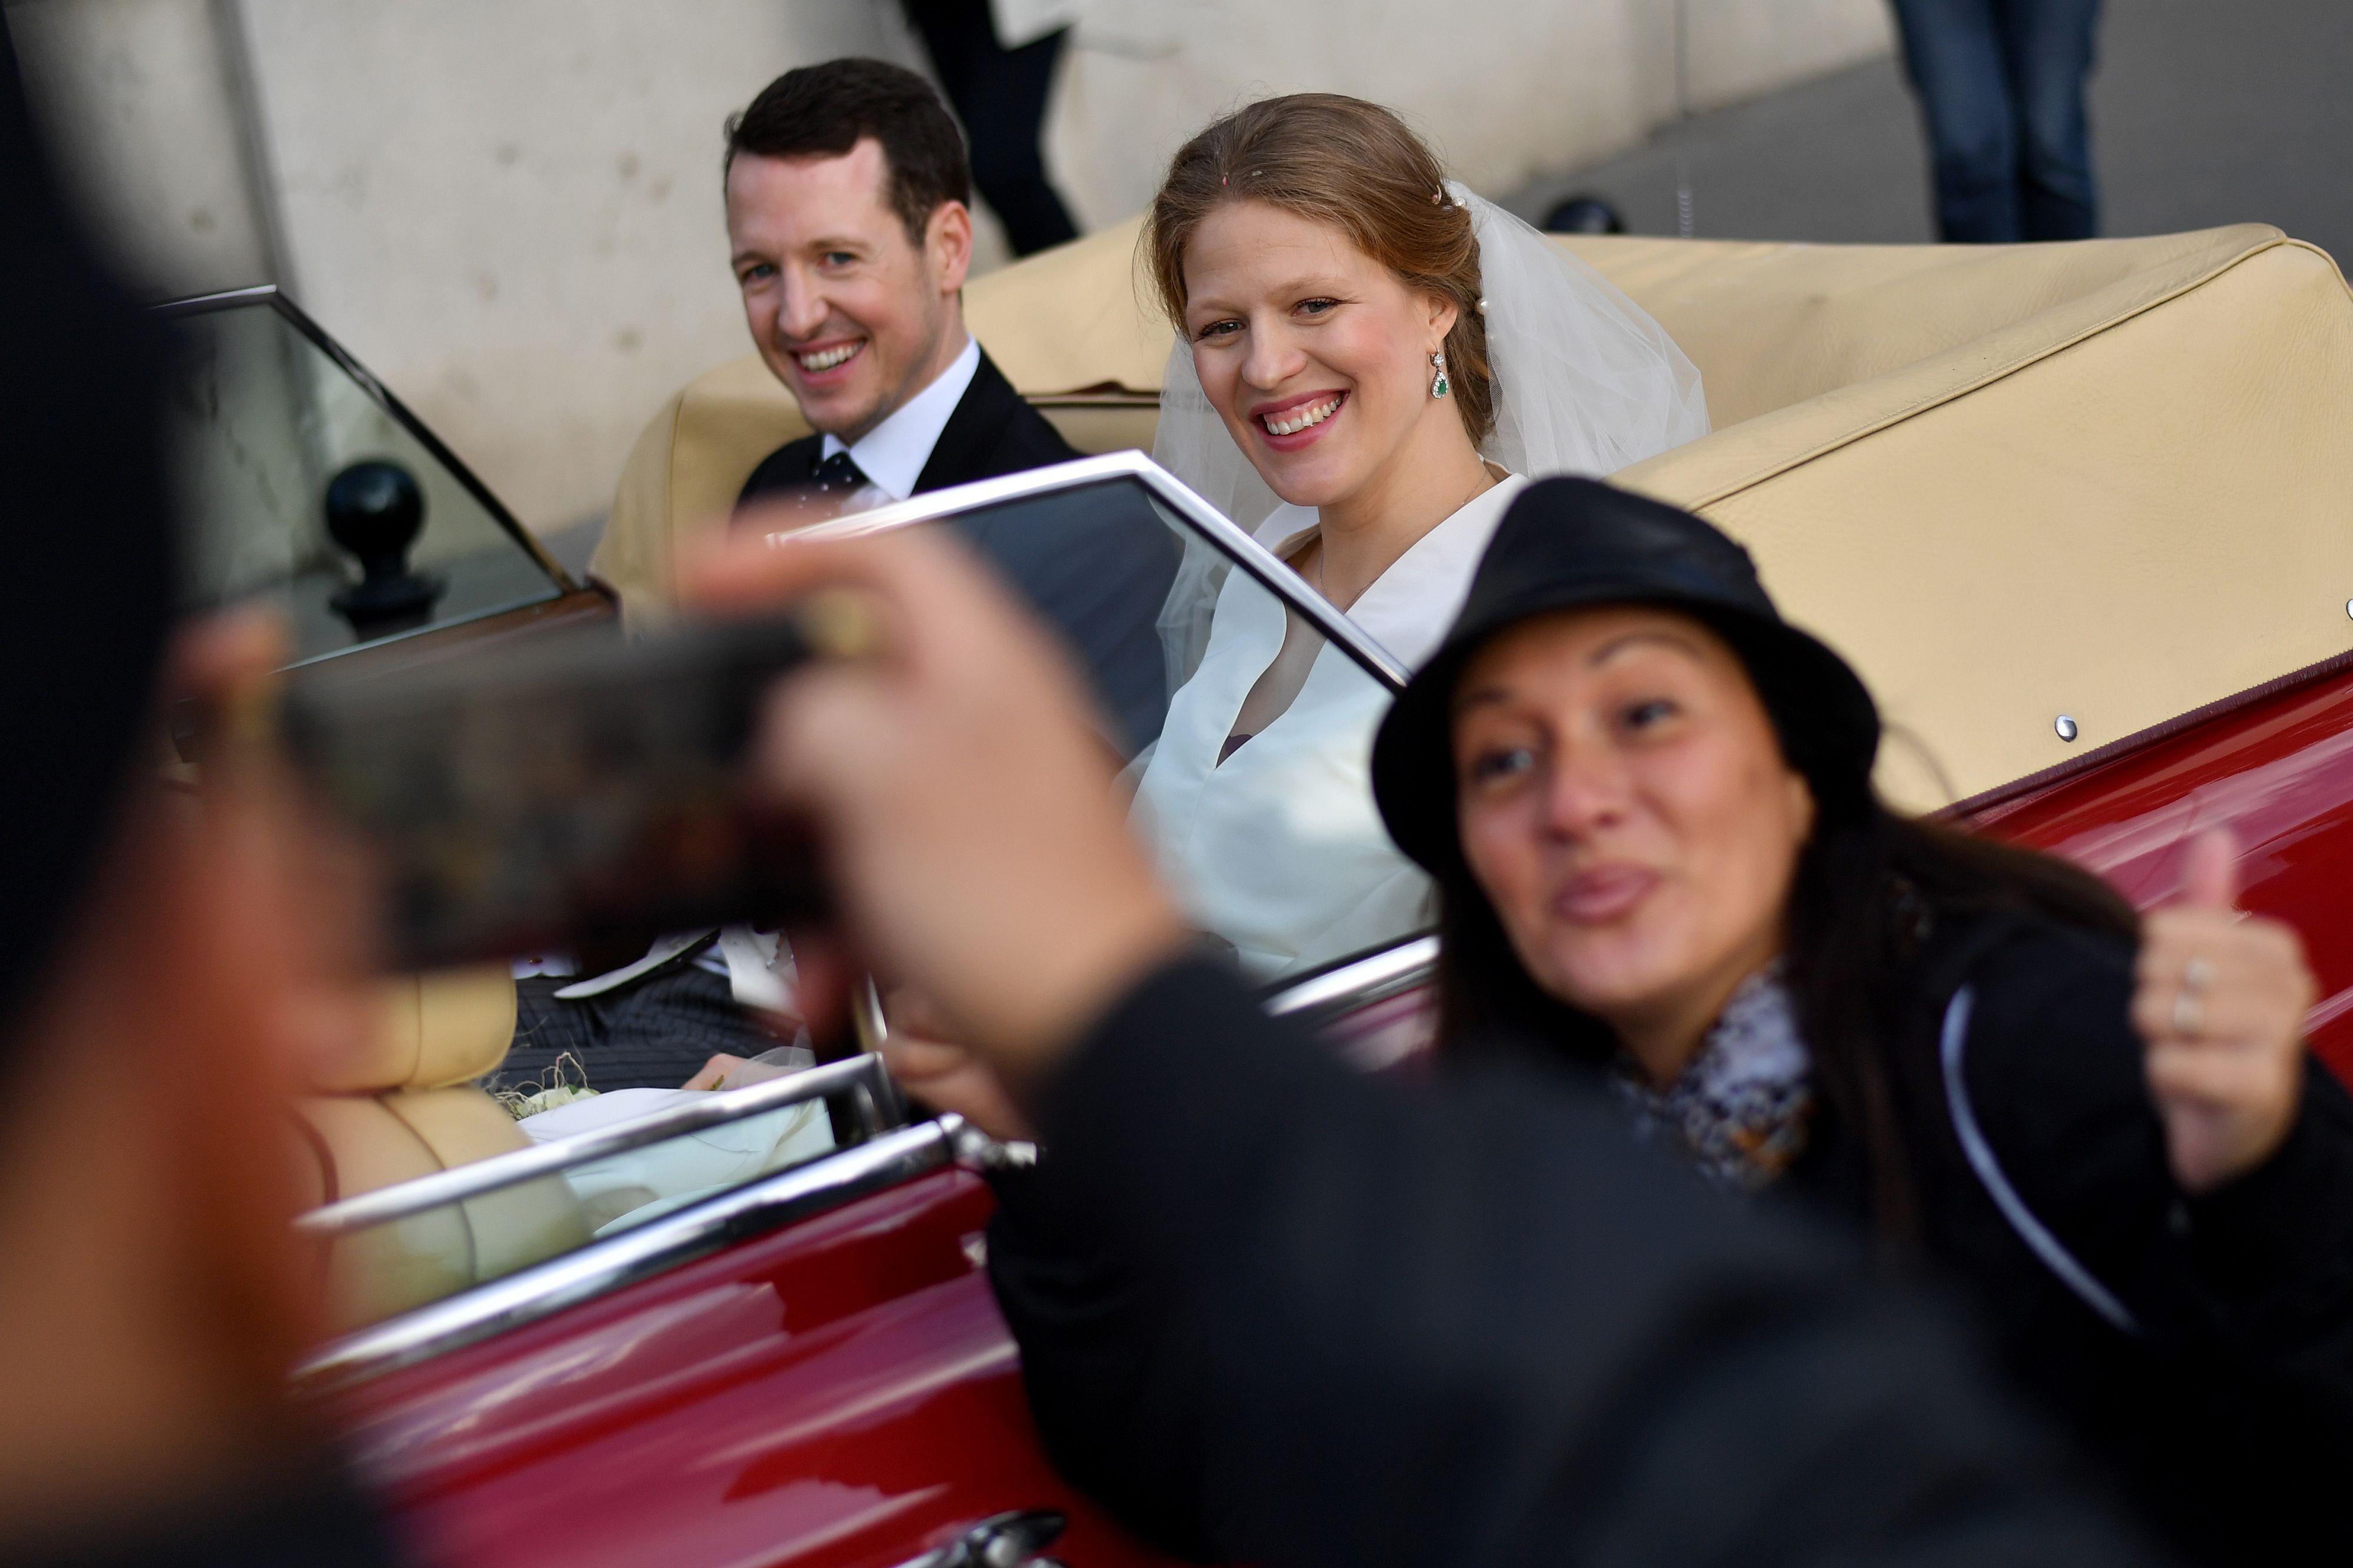 royal wedding selfie